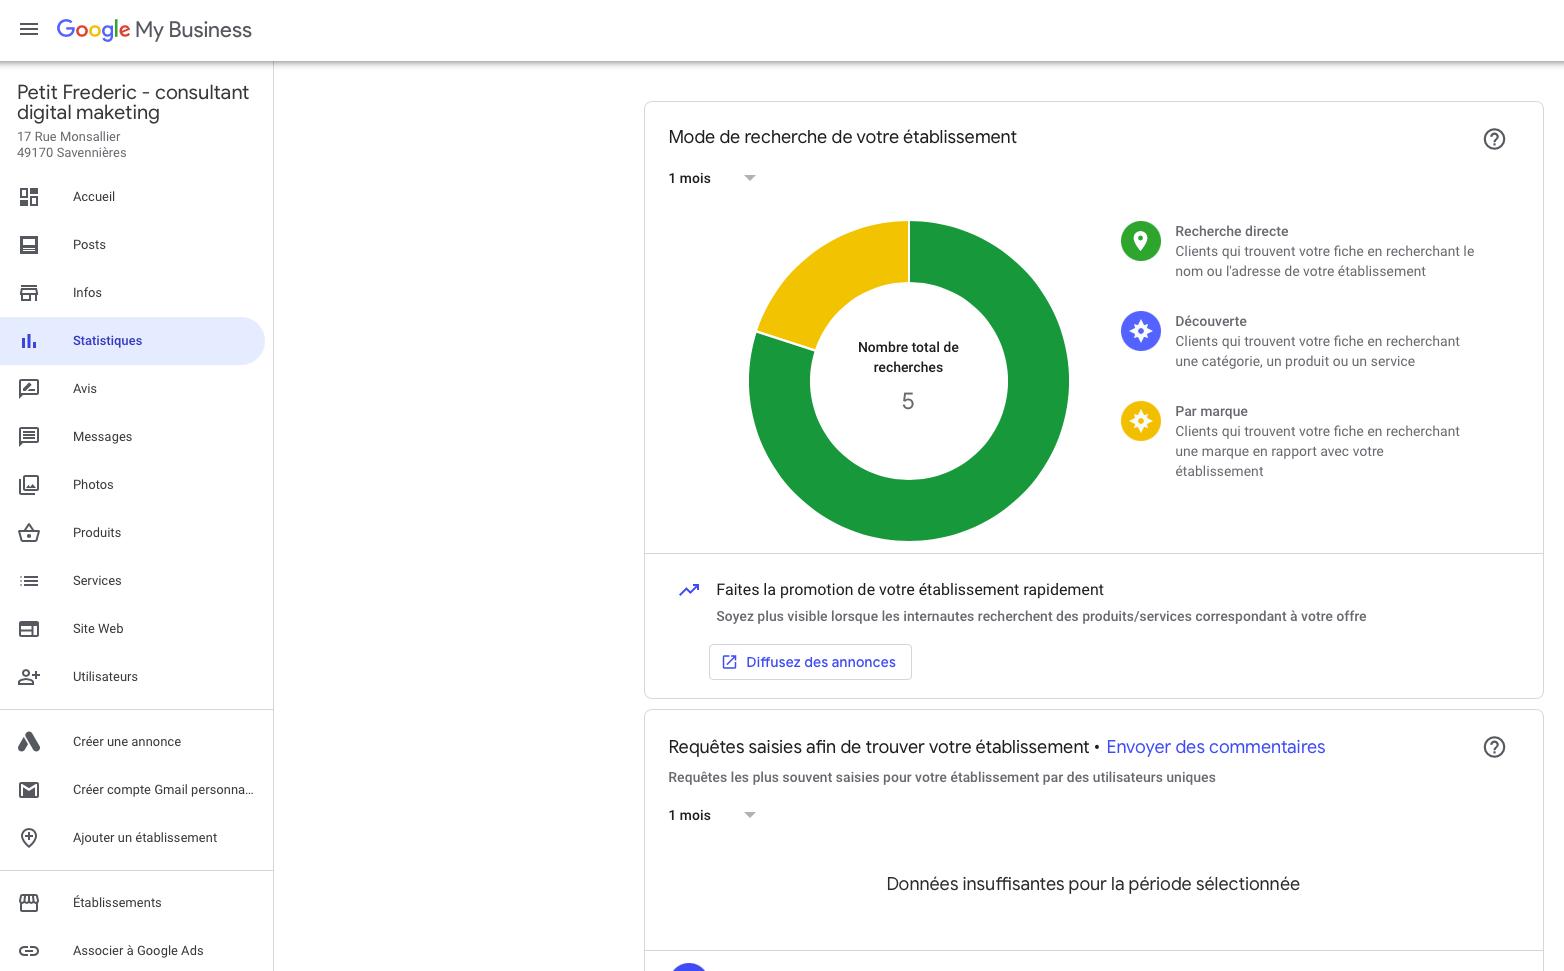 optimisez votre visibilité avec google my business